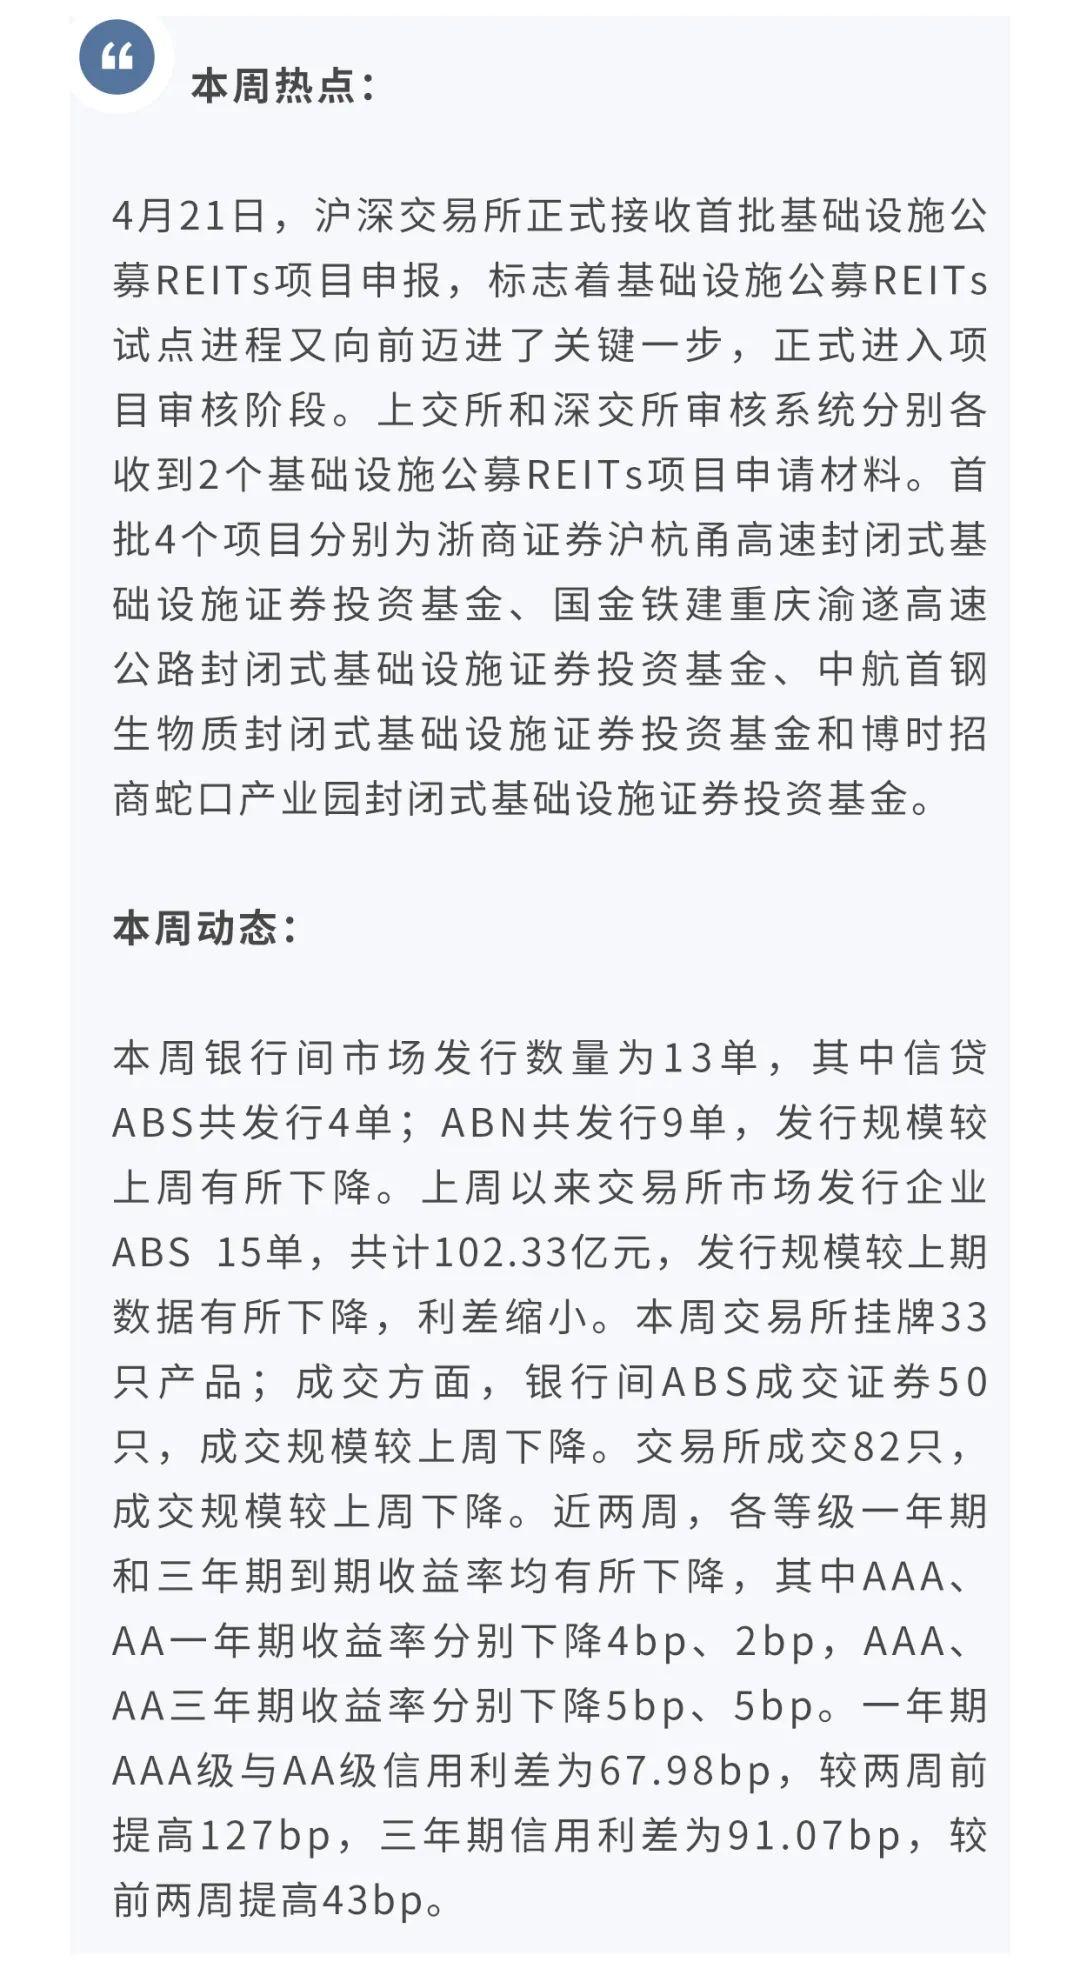 【信用】【ABS周度观察】交易所受理首批公募REITs项目申报(2021年第12期)